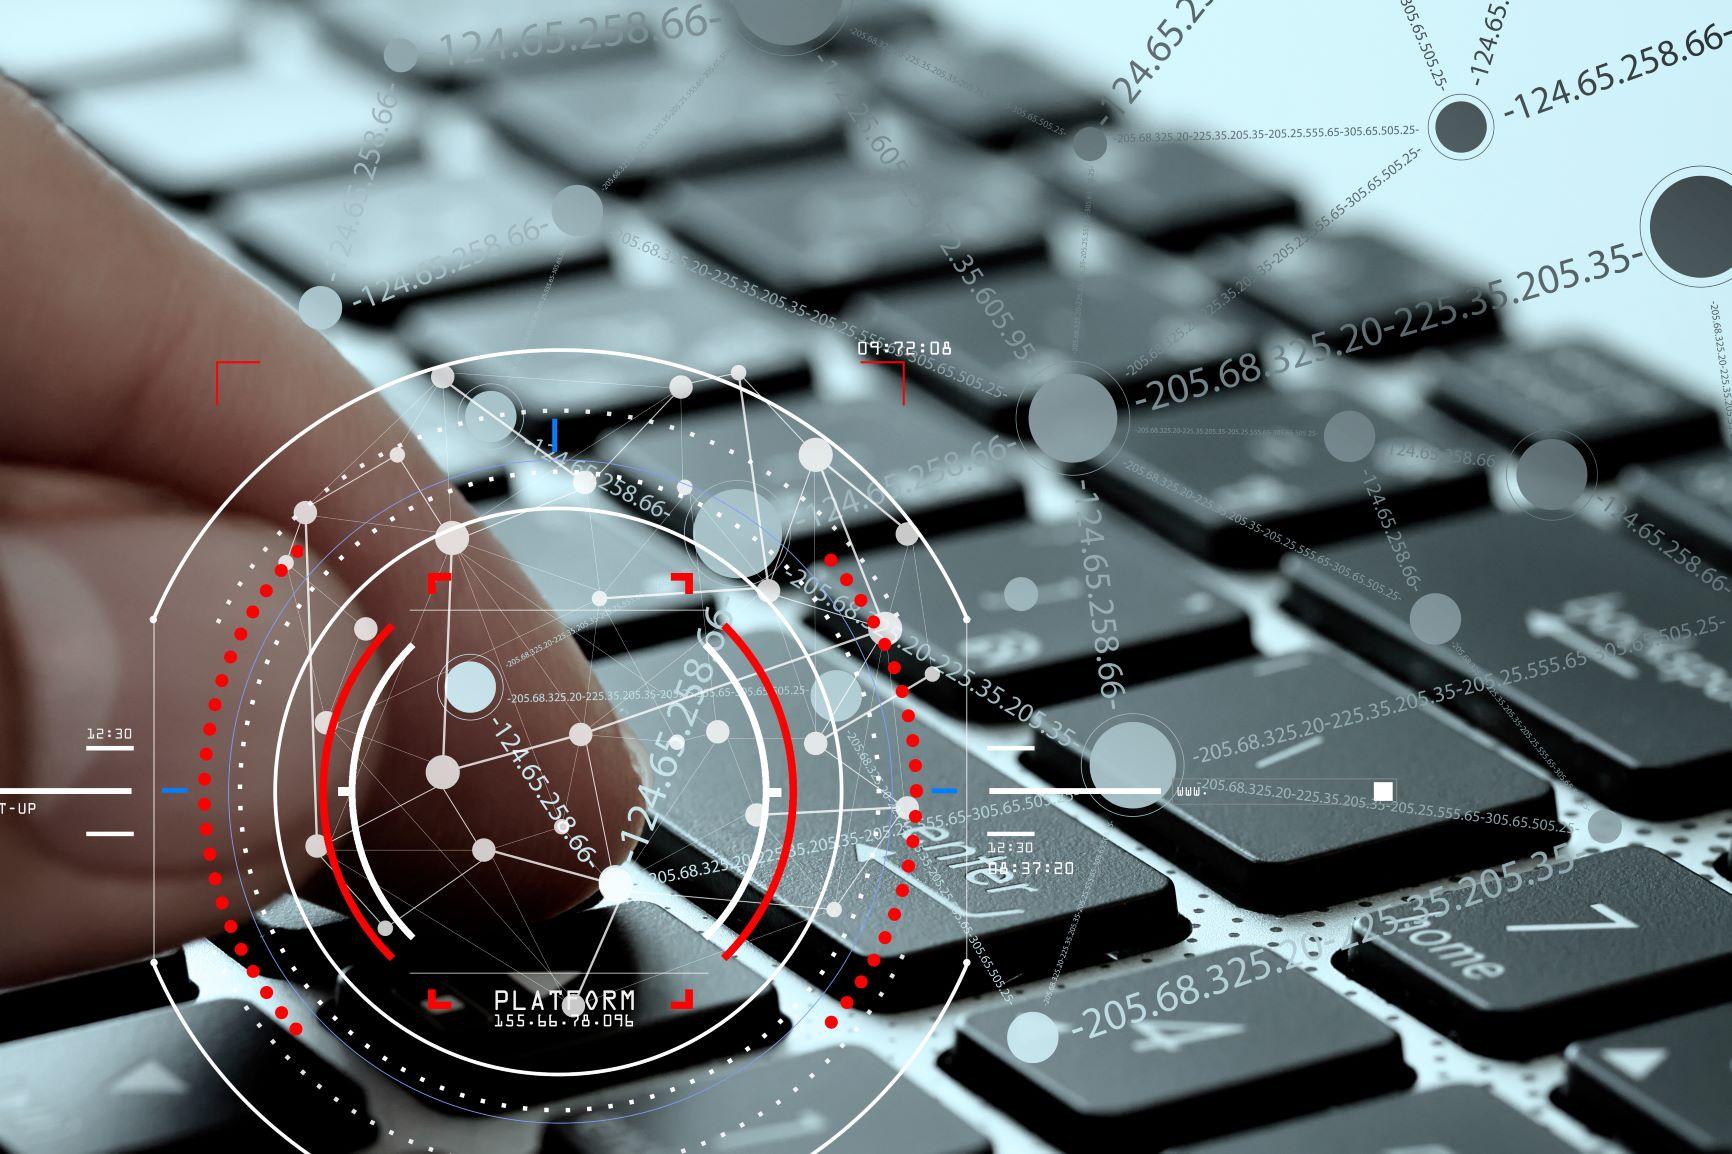 ΥΠΟΙΚ:Ενεργοποιείται σήμερα η ηλεκτρονική πλατφόρμα για τα υπερχρεωμένα νοικοκυριά